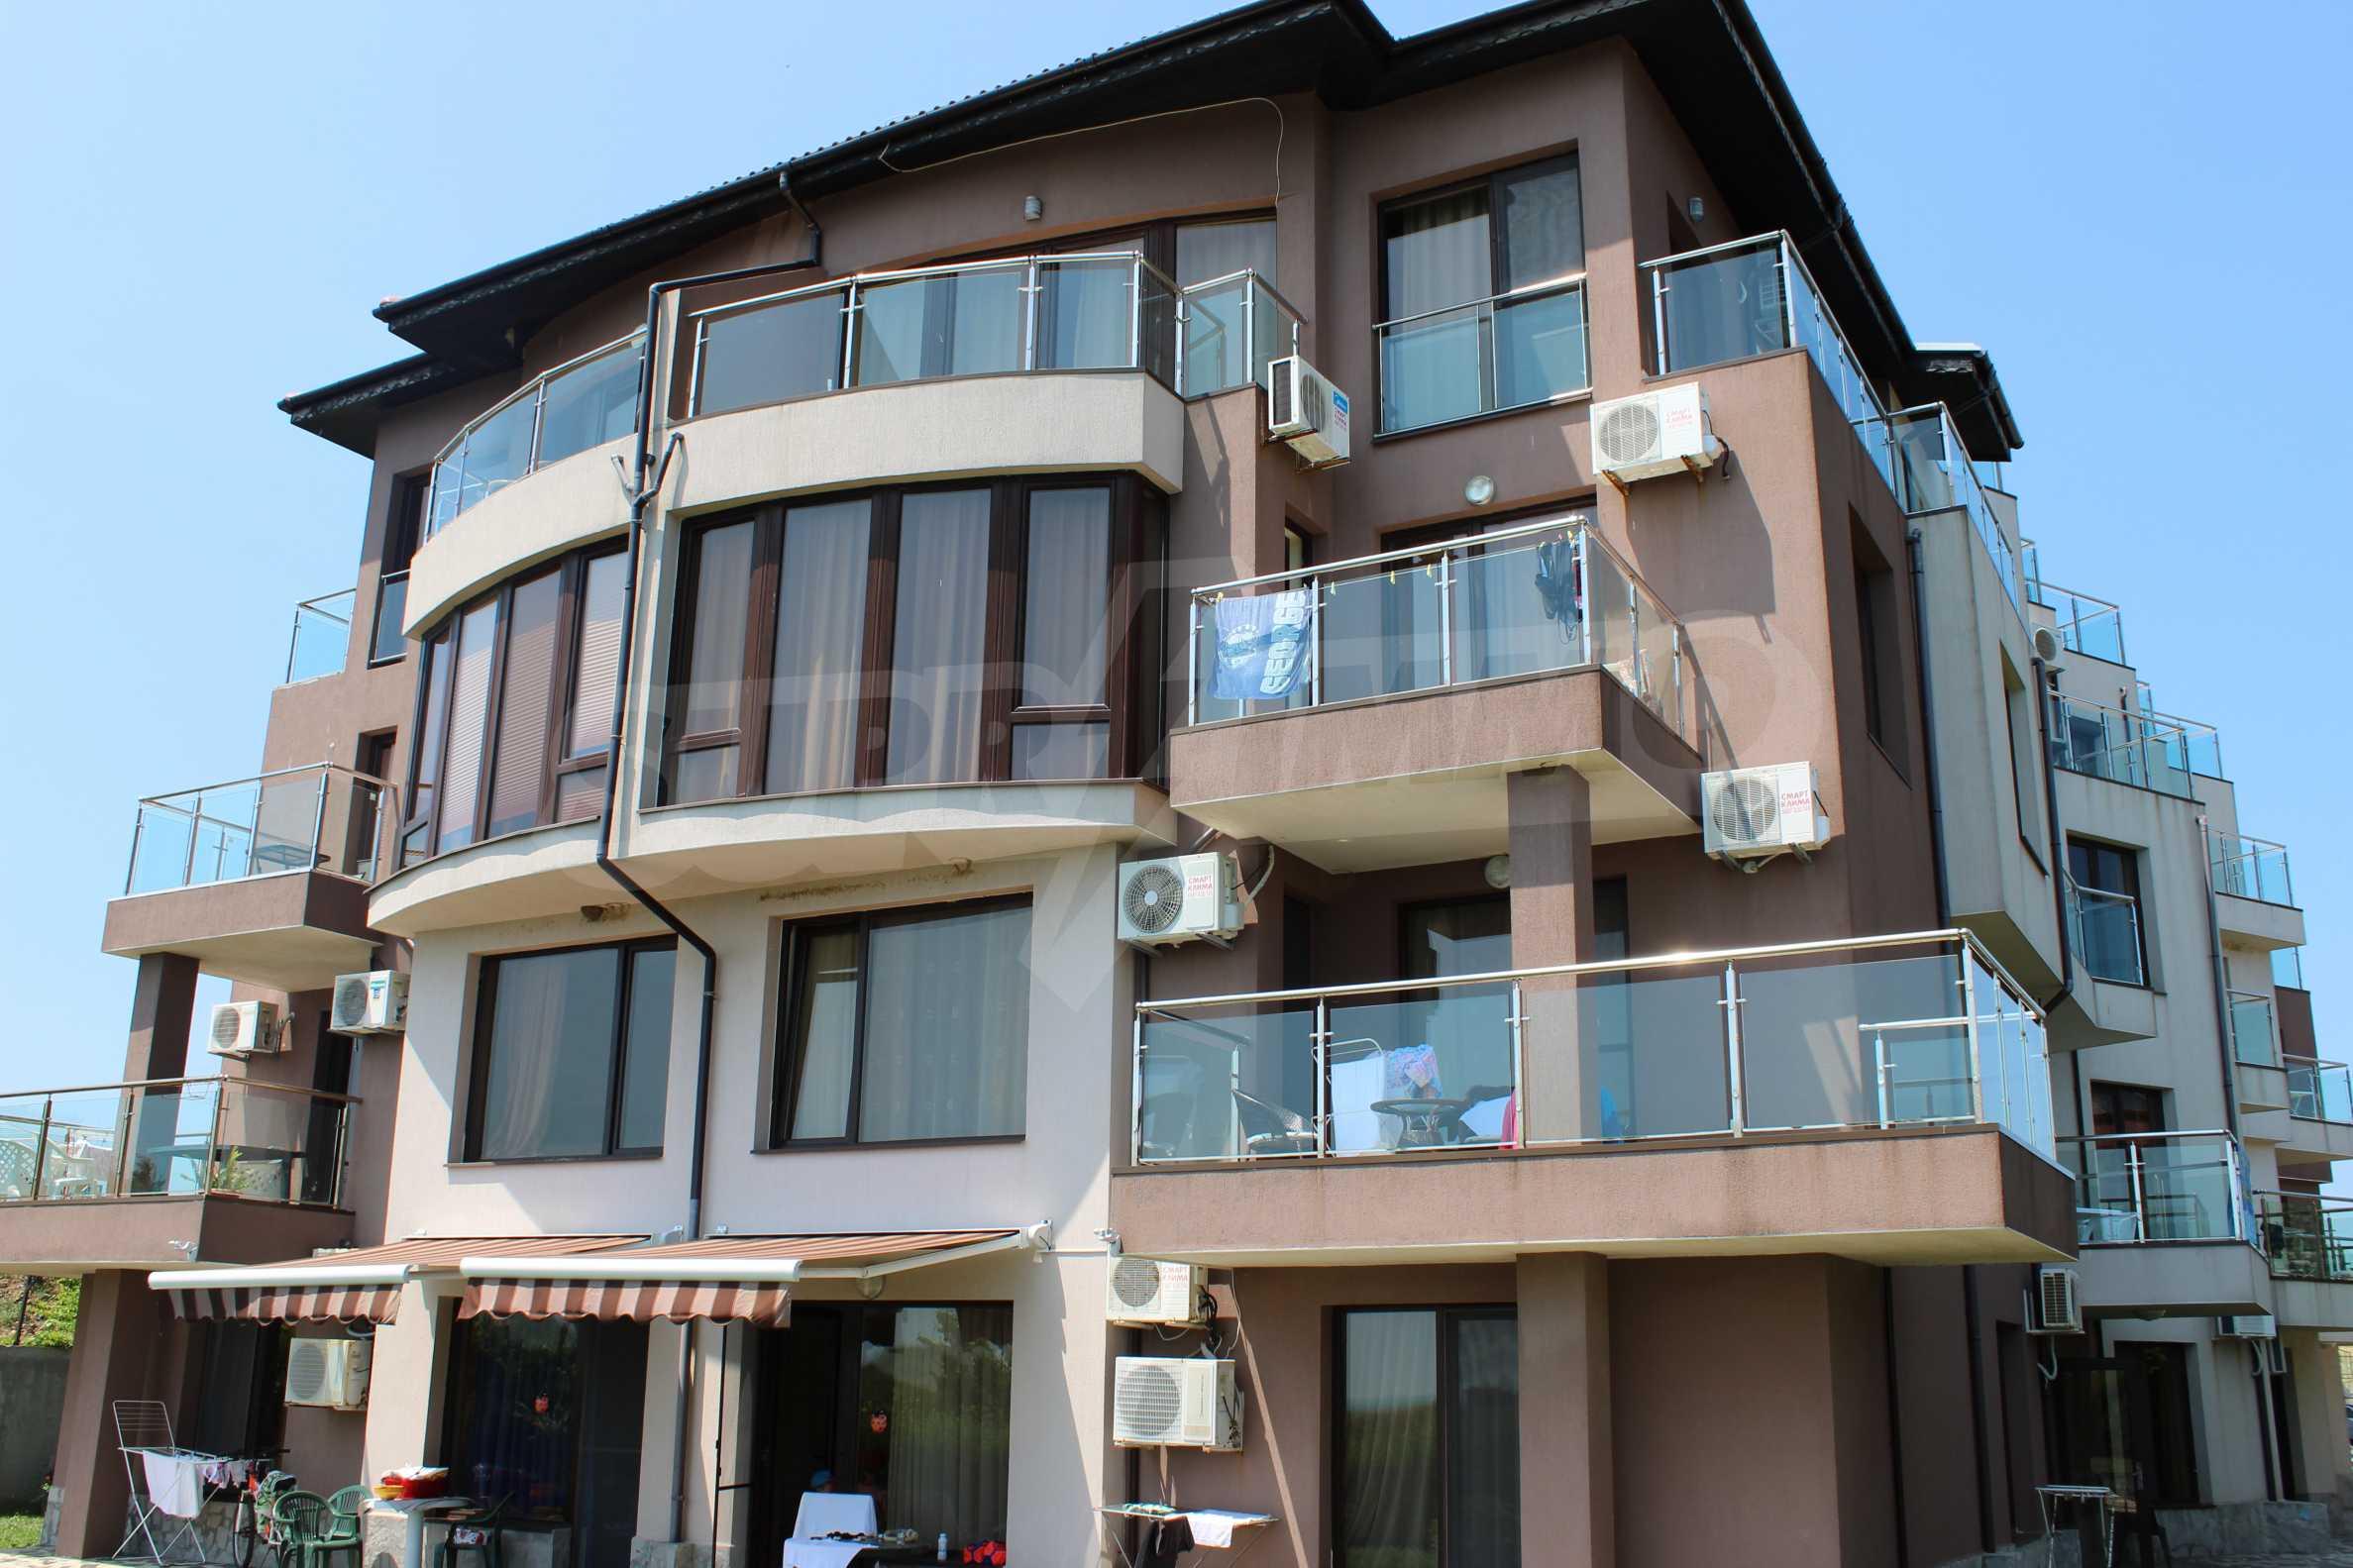 Модерен жилищен комплекс на самия бряг на морето в Синеморец 4